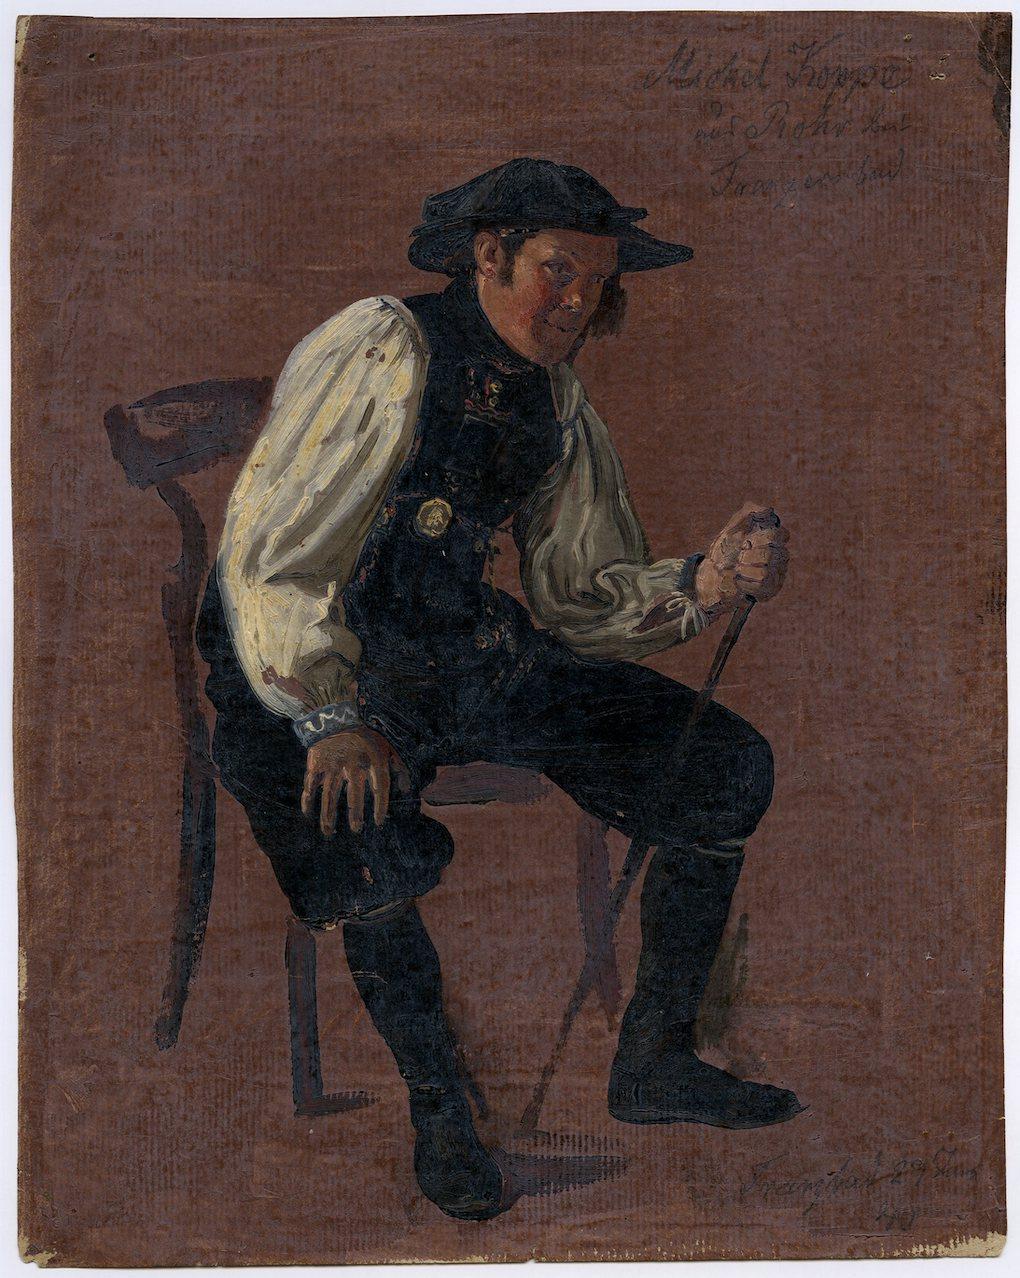 Ludwig Most, Portret siedzącego Michaela Koppe, 29 czerwca 1840, studium olejne na papierze, Muzeum Narodowe w Szczecinie